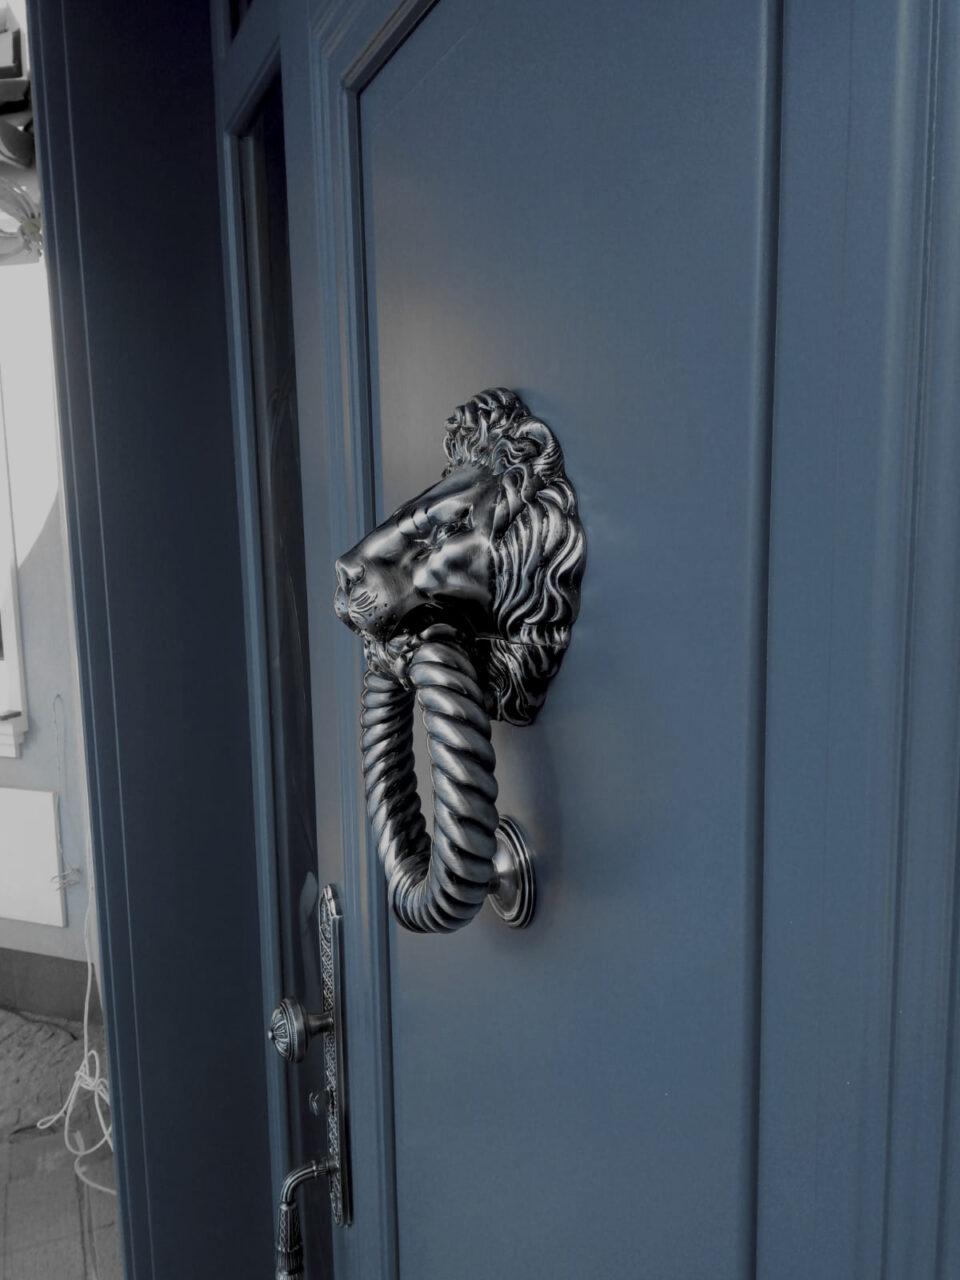 Producent Drzwi Drewnianych Na Wymiar Lizurej Galeria Zewnętrzne 66